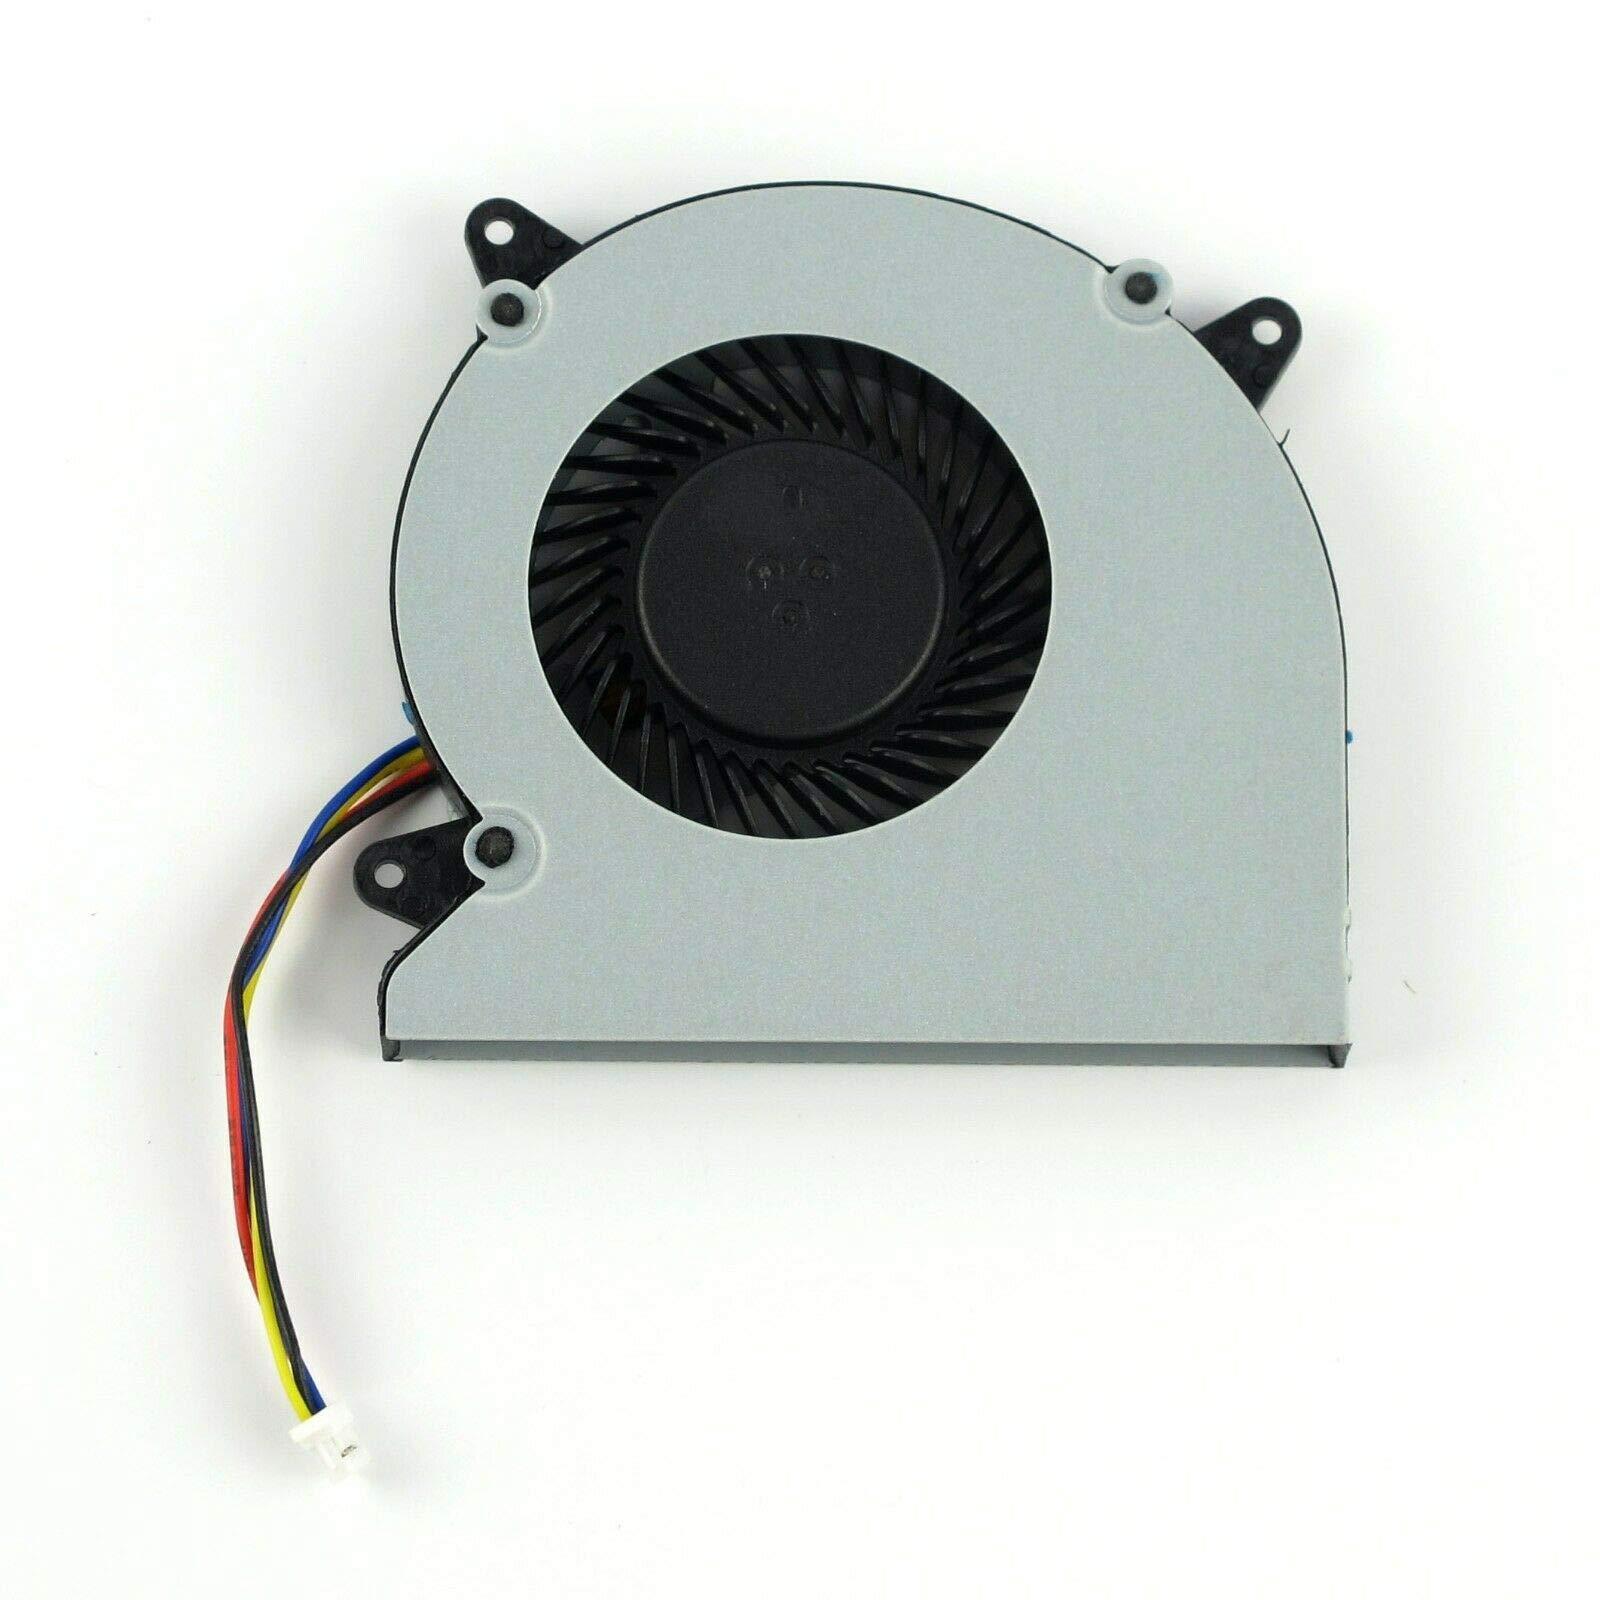 Cooler para Asus Ultrabook N550 N550J N550JA N550JK N550JV N550JV-DB71 N550JV-DB72T N550L N550LF N750 N750JK N750JV Q550